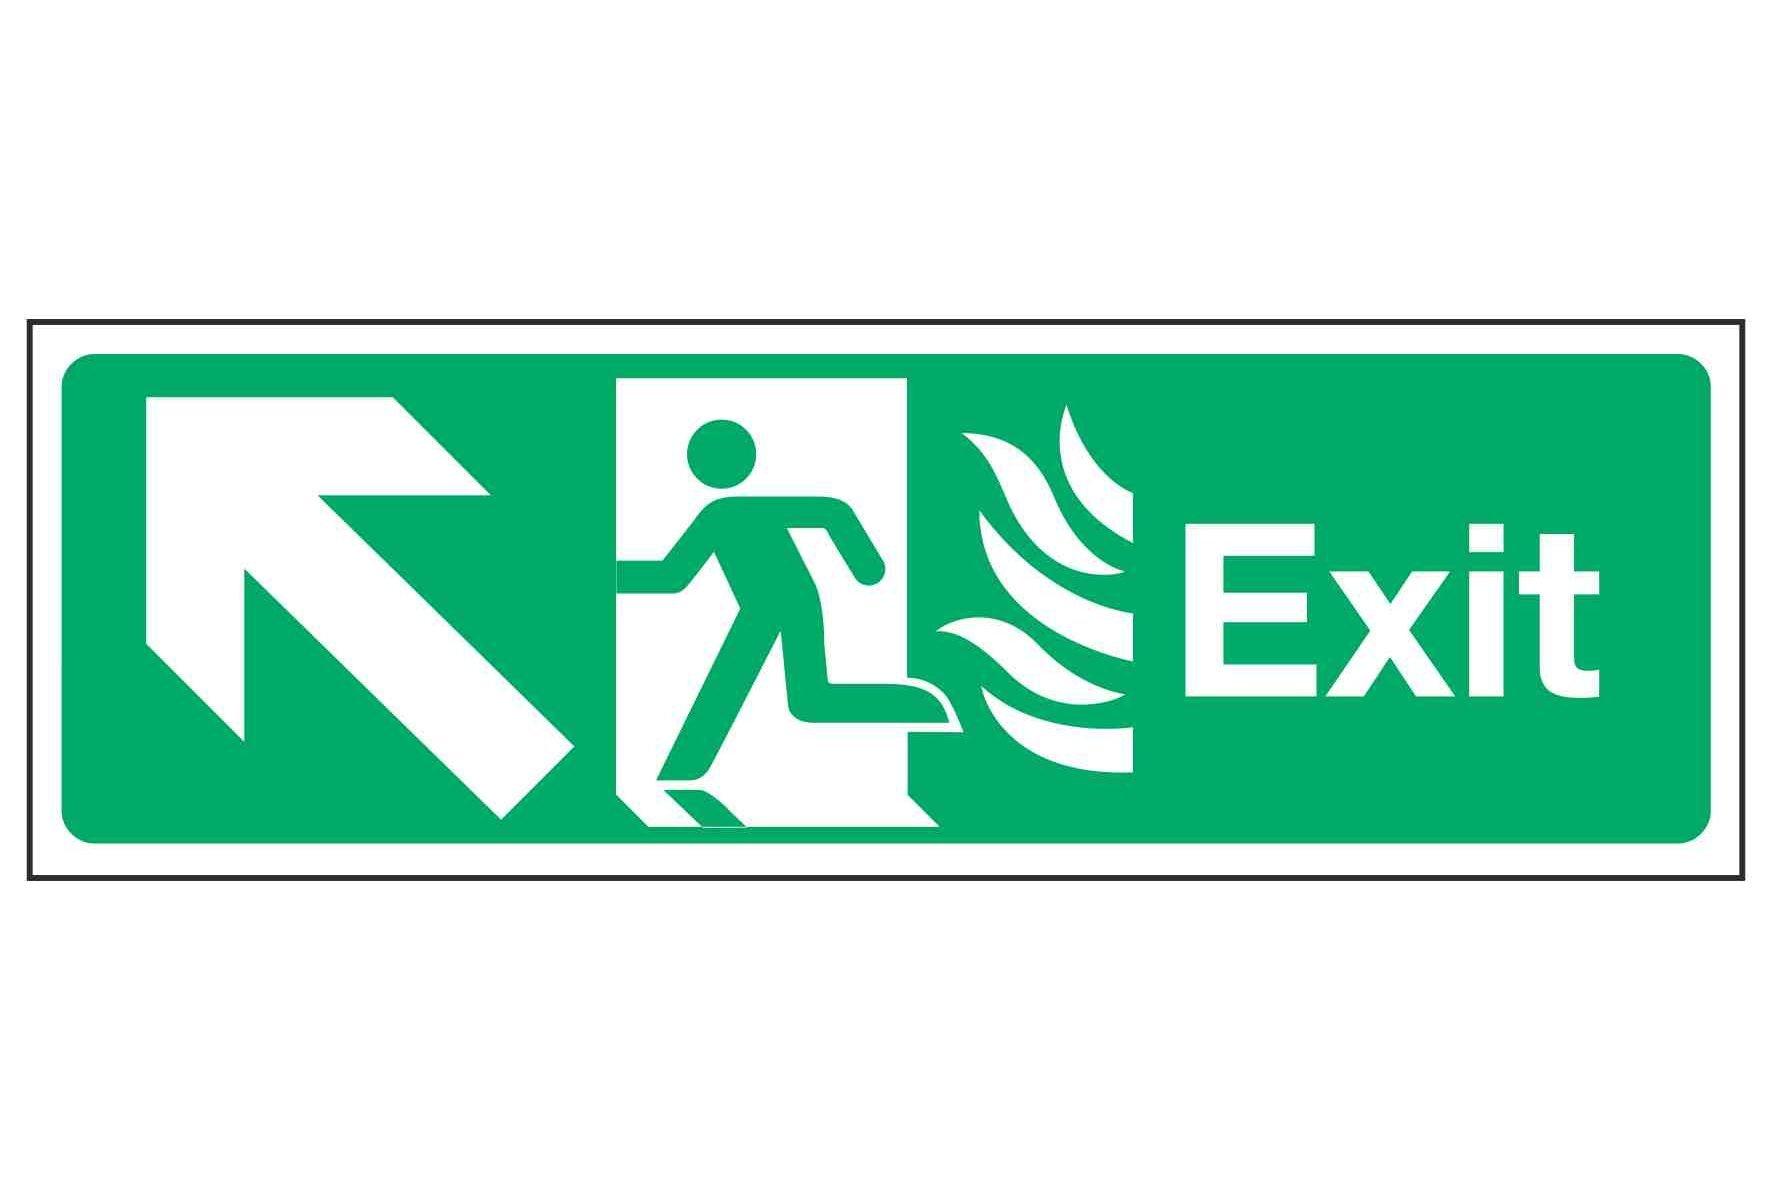 Exit / Arrow Up Left - NHS